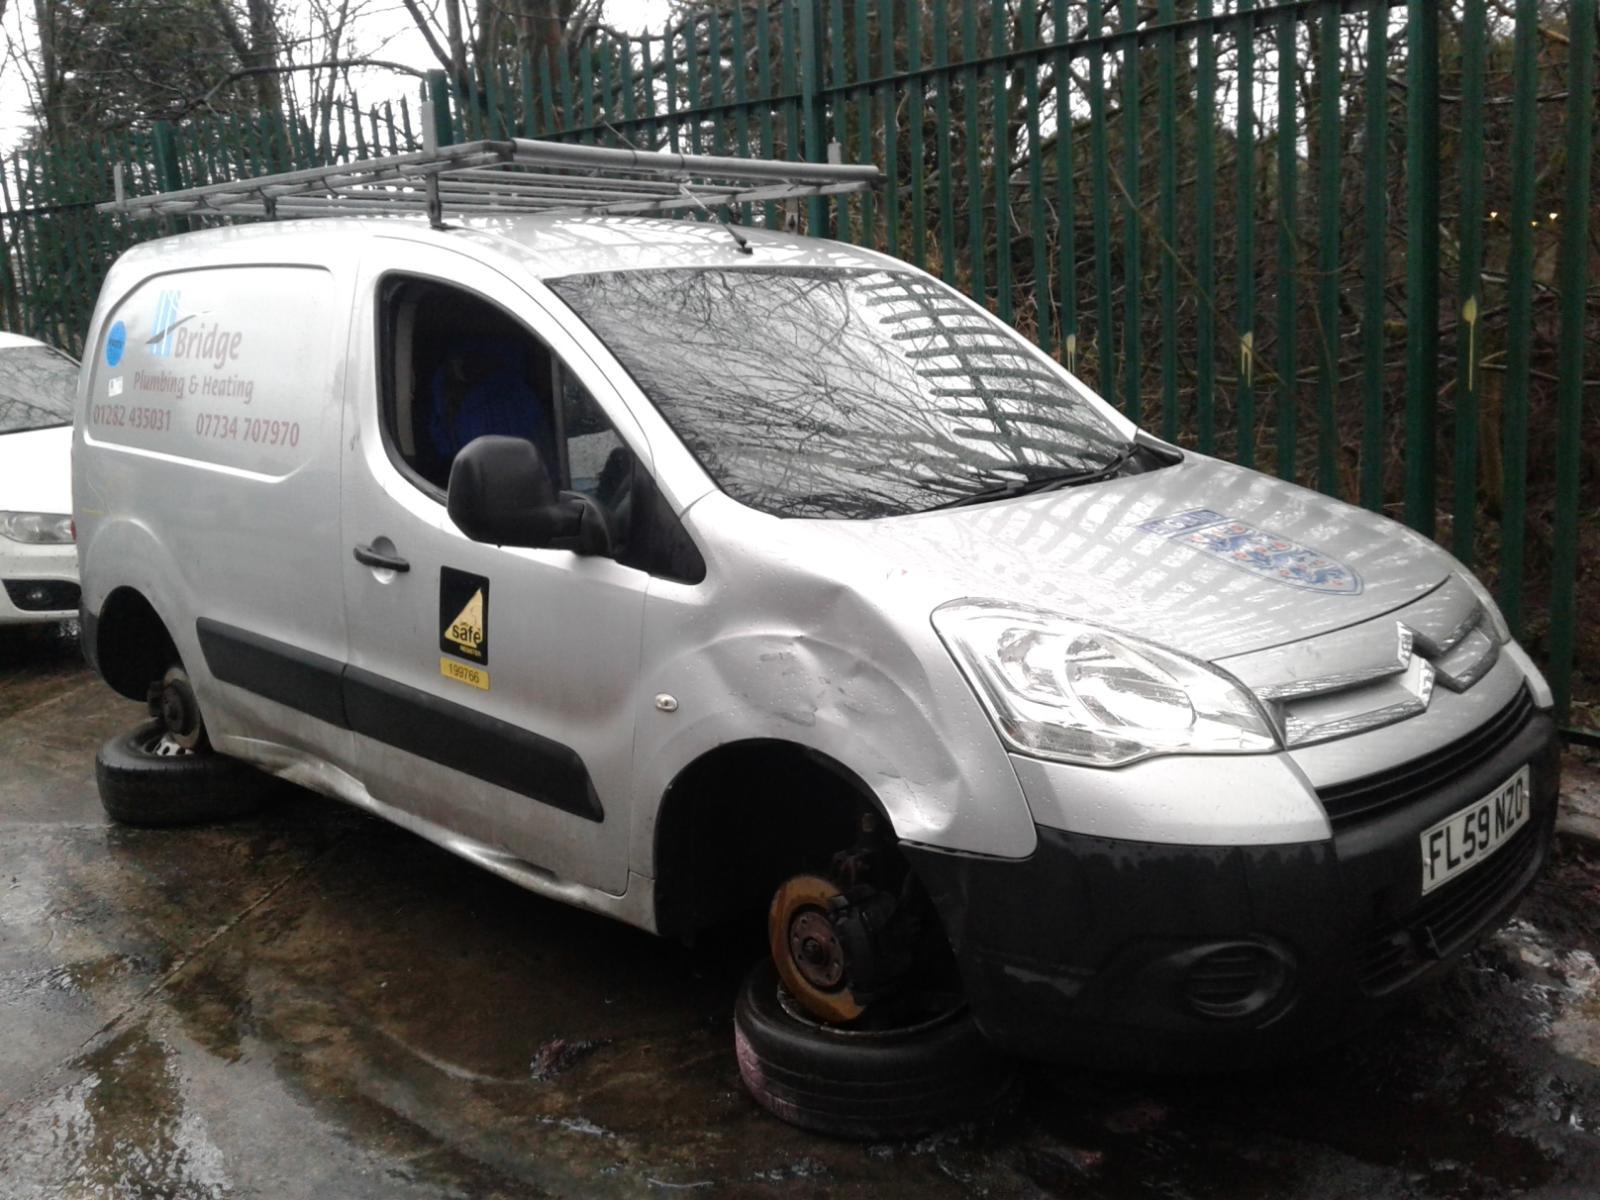 Image for a CITROEN BERLINGO 2009 Unknown Van